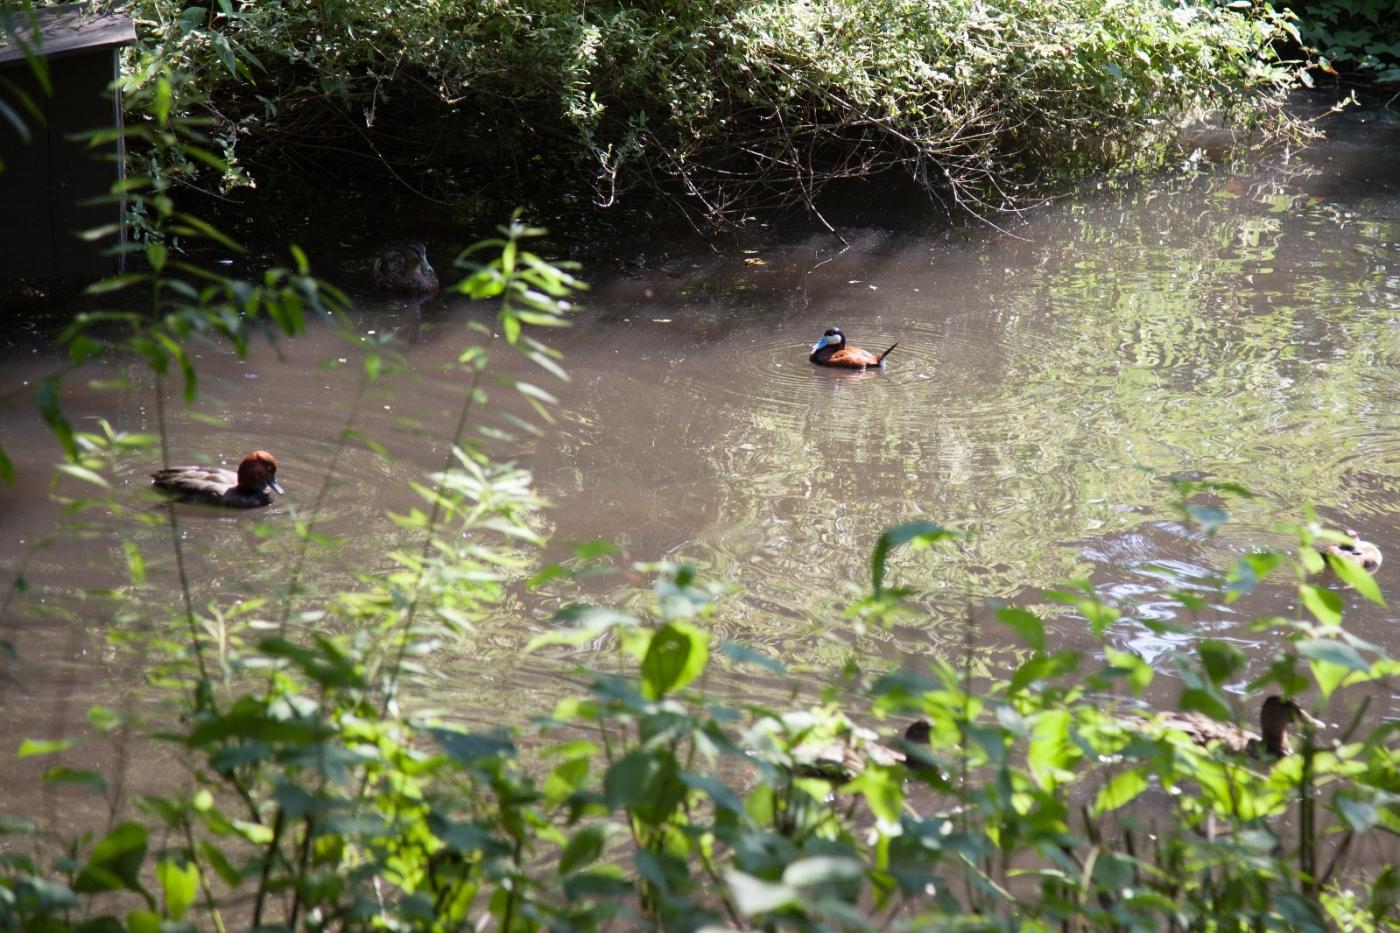 动物园花絮(摄于布朗士动物园,皇后区动物园)_图1-23